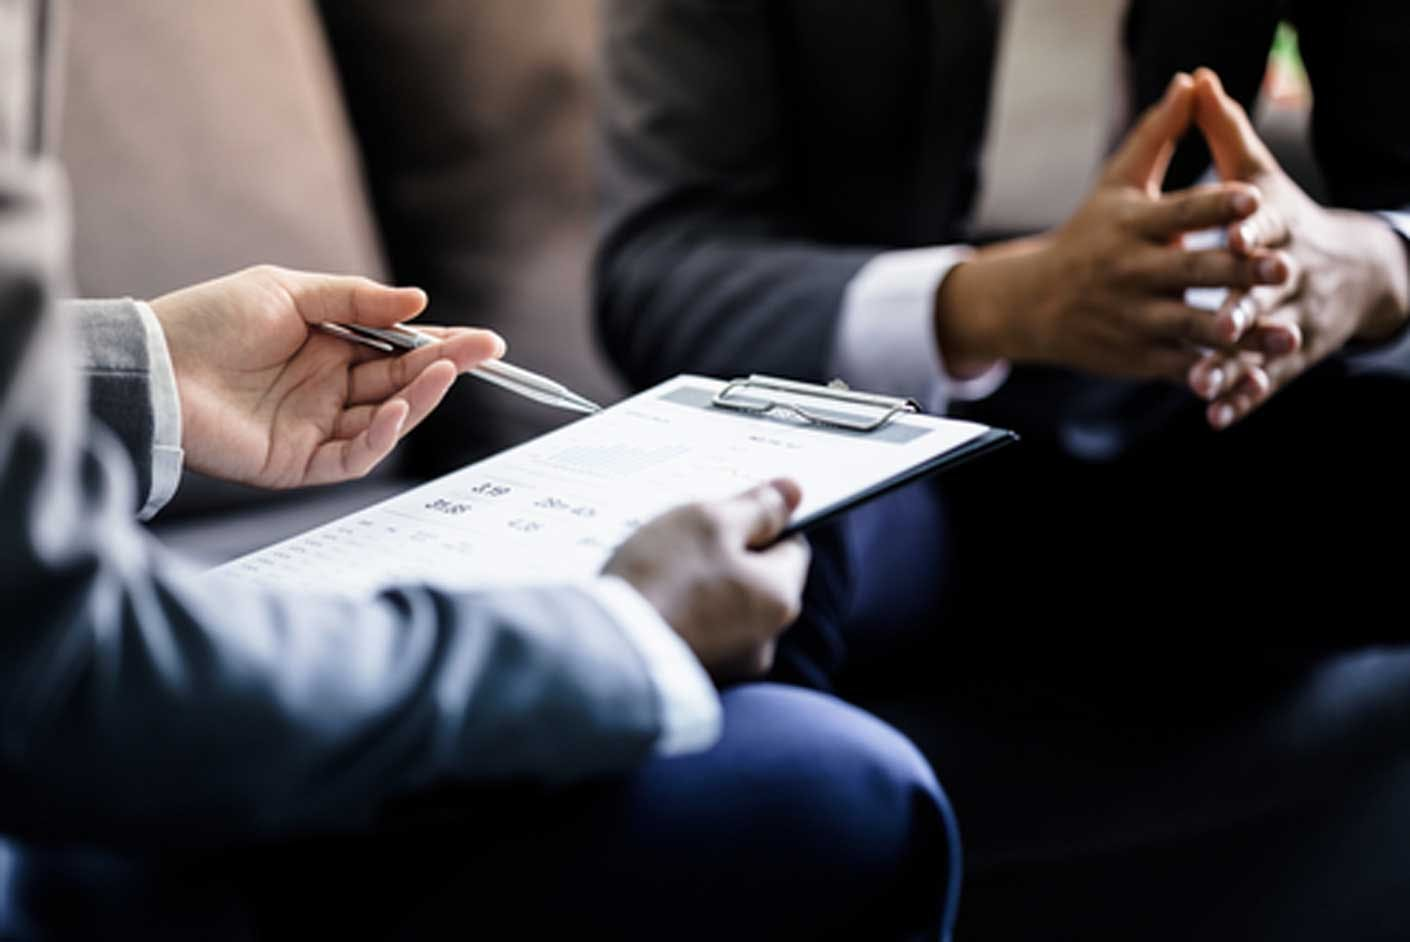 Rechtsschutzversicherung - welche Kosten übernimmt sie?